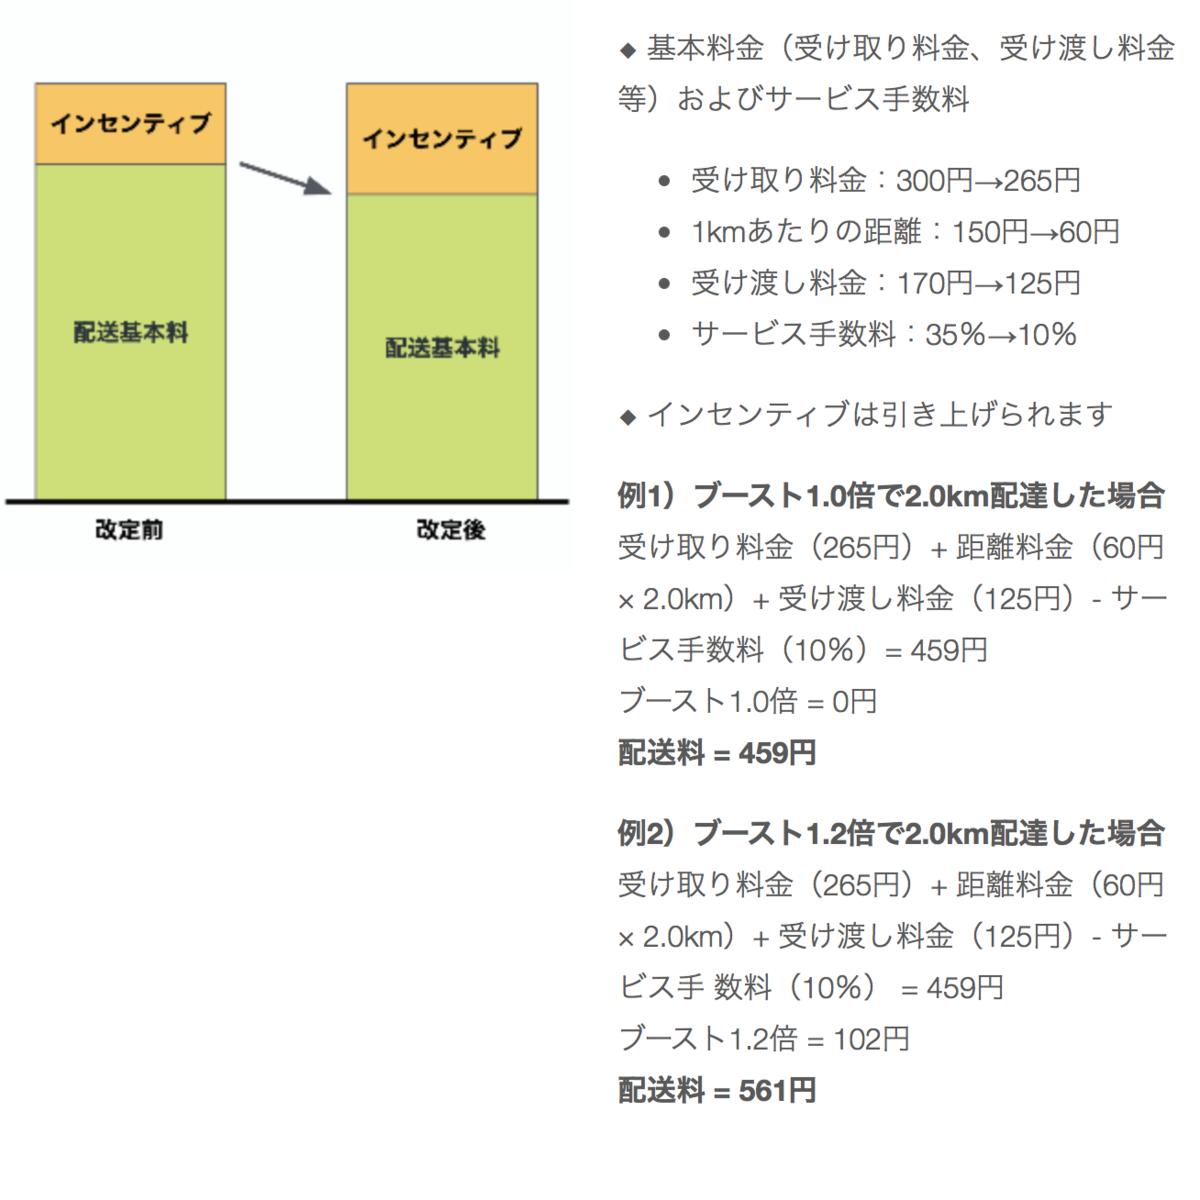 f:id:yubayashi88:20191205094442p:plain